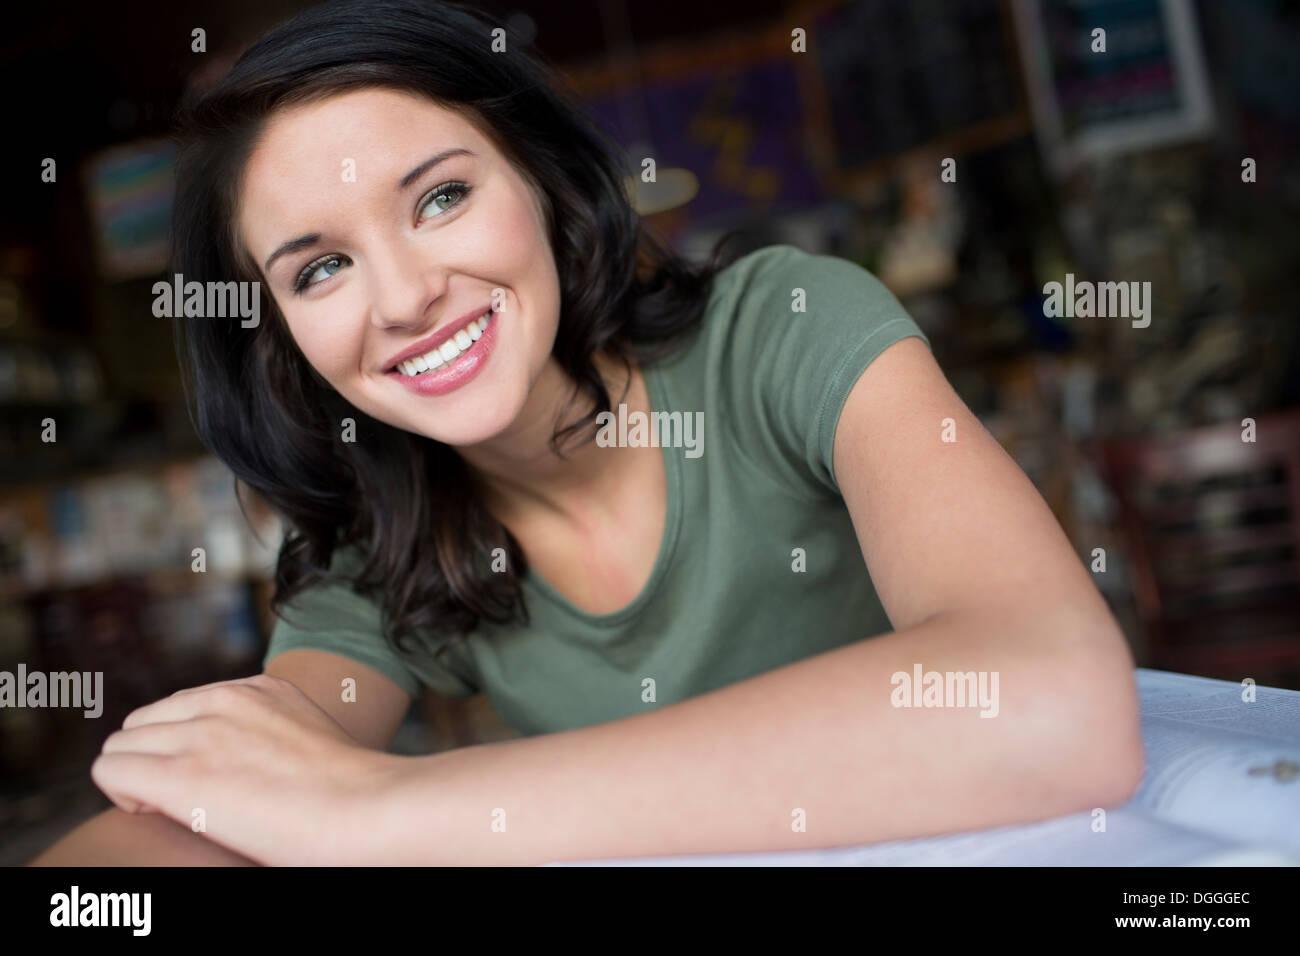 Porträt von Teenager-Mädchen im Kaffeehaus Stockbild